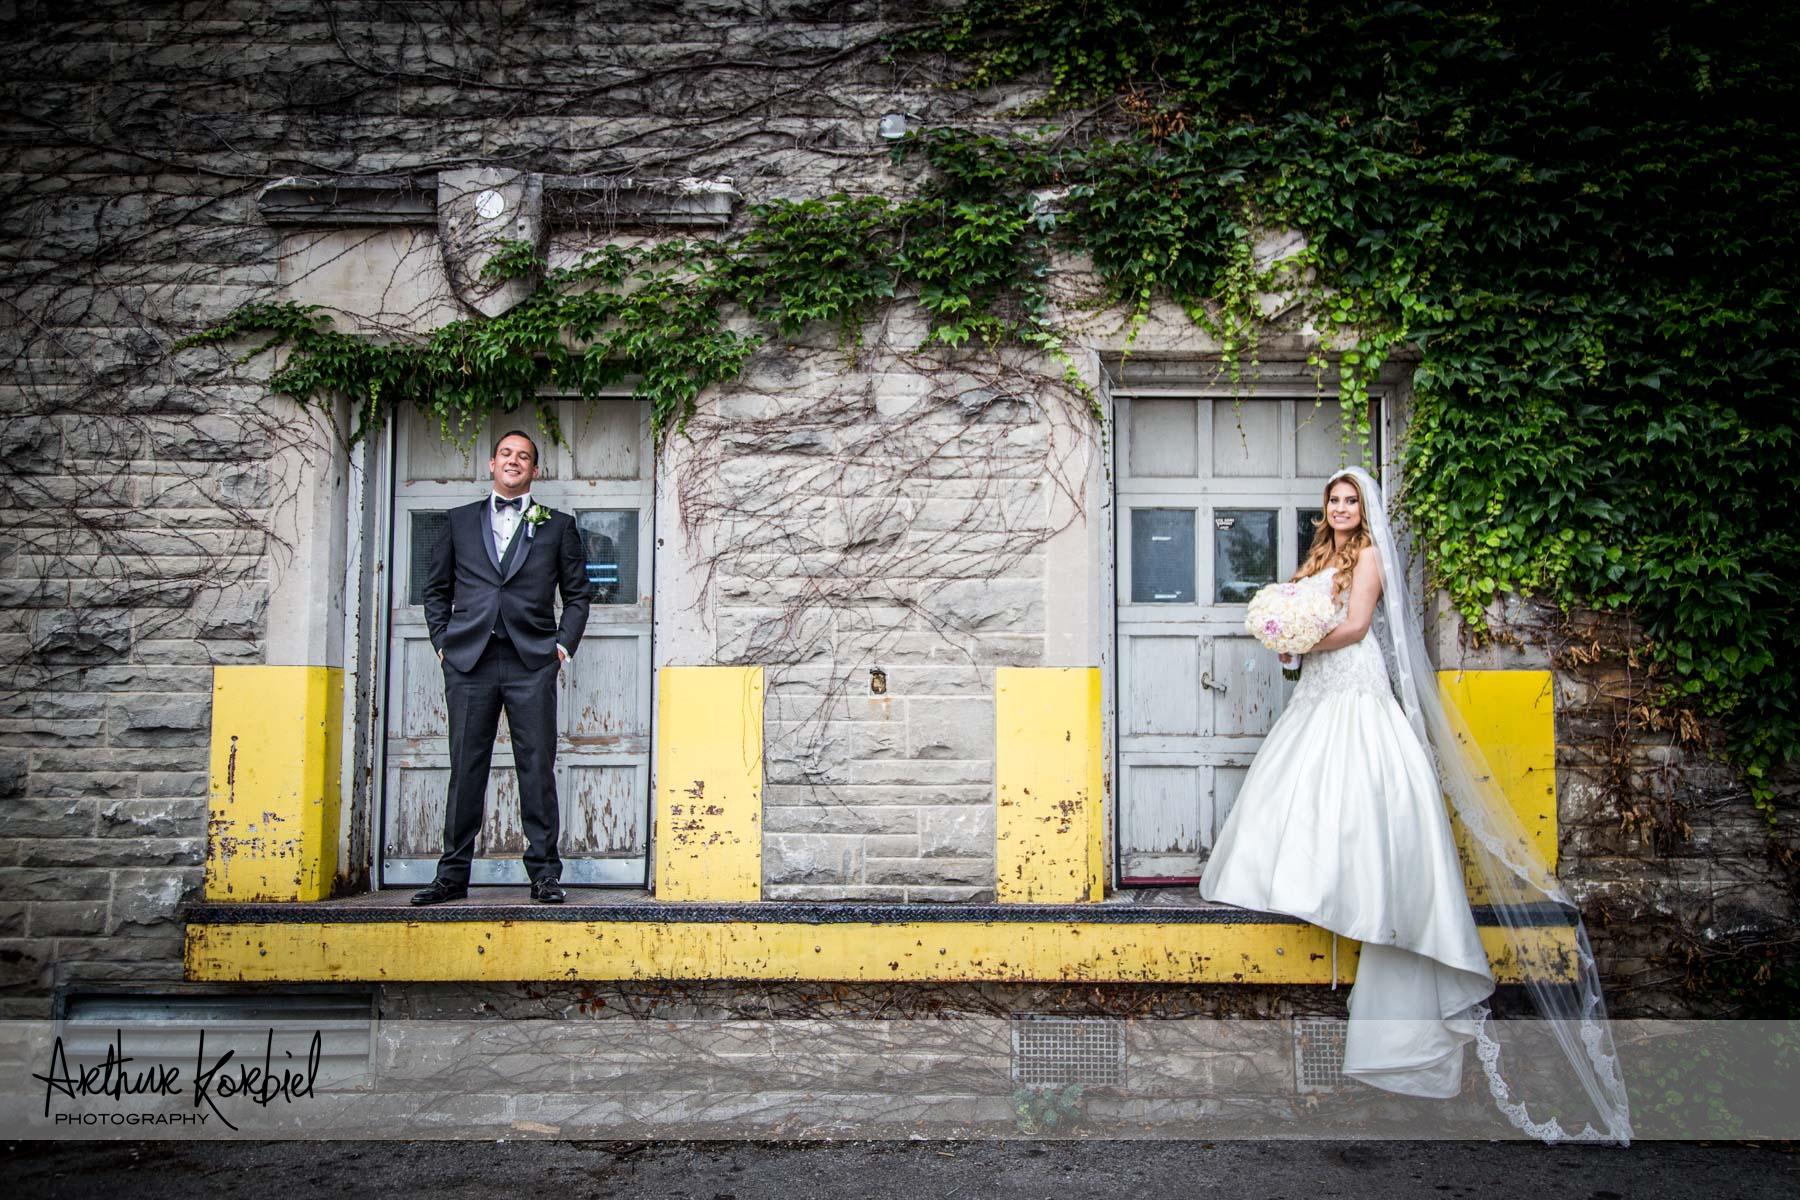 Arthur Korbiel Photography - London Wedding Photographer-028.jpg